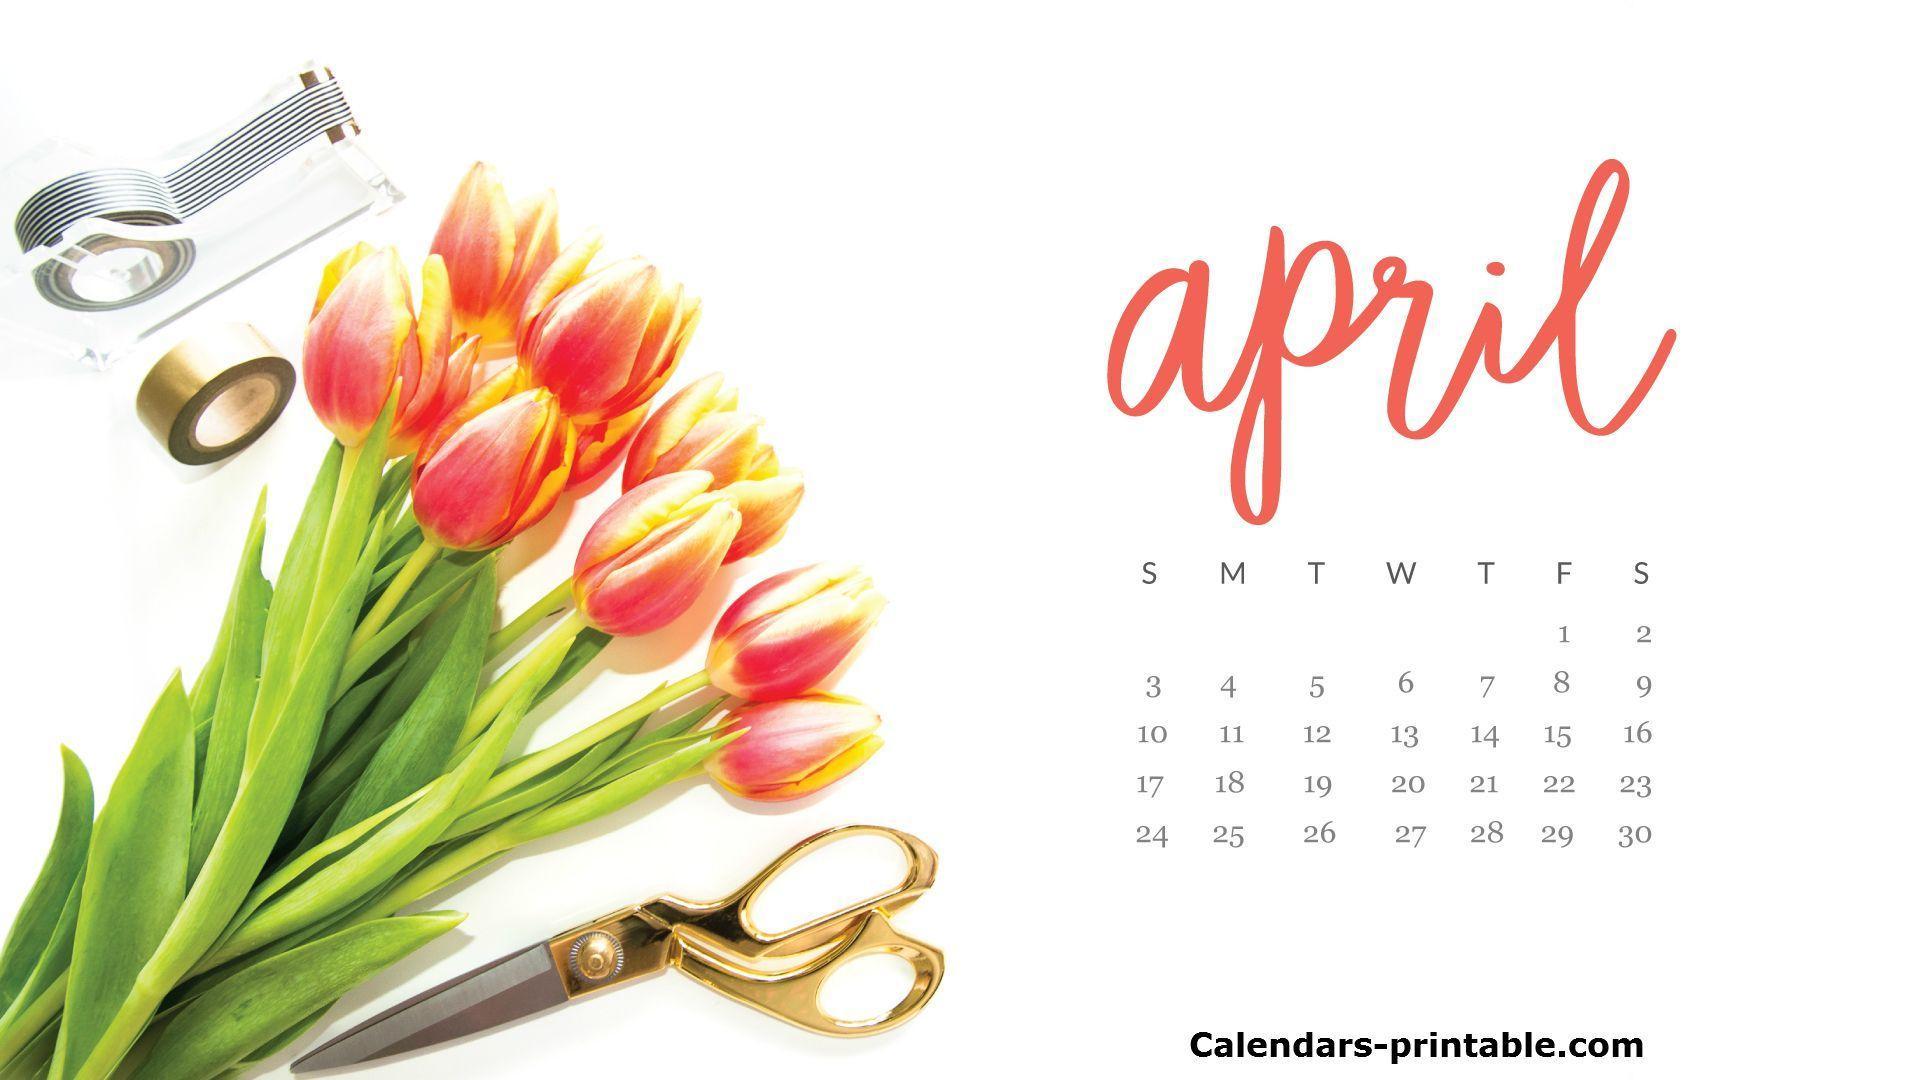 April Calendar Wallpaper Hd : Desktop wallpapers calendar april wallpaper cave